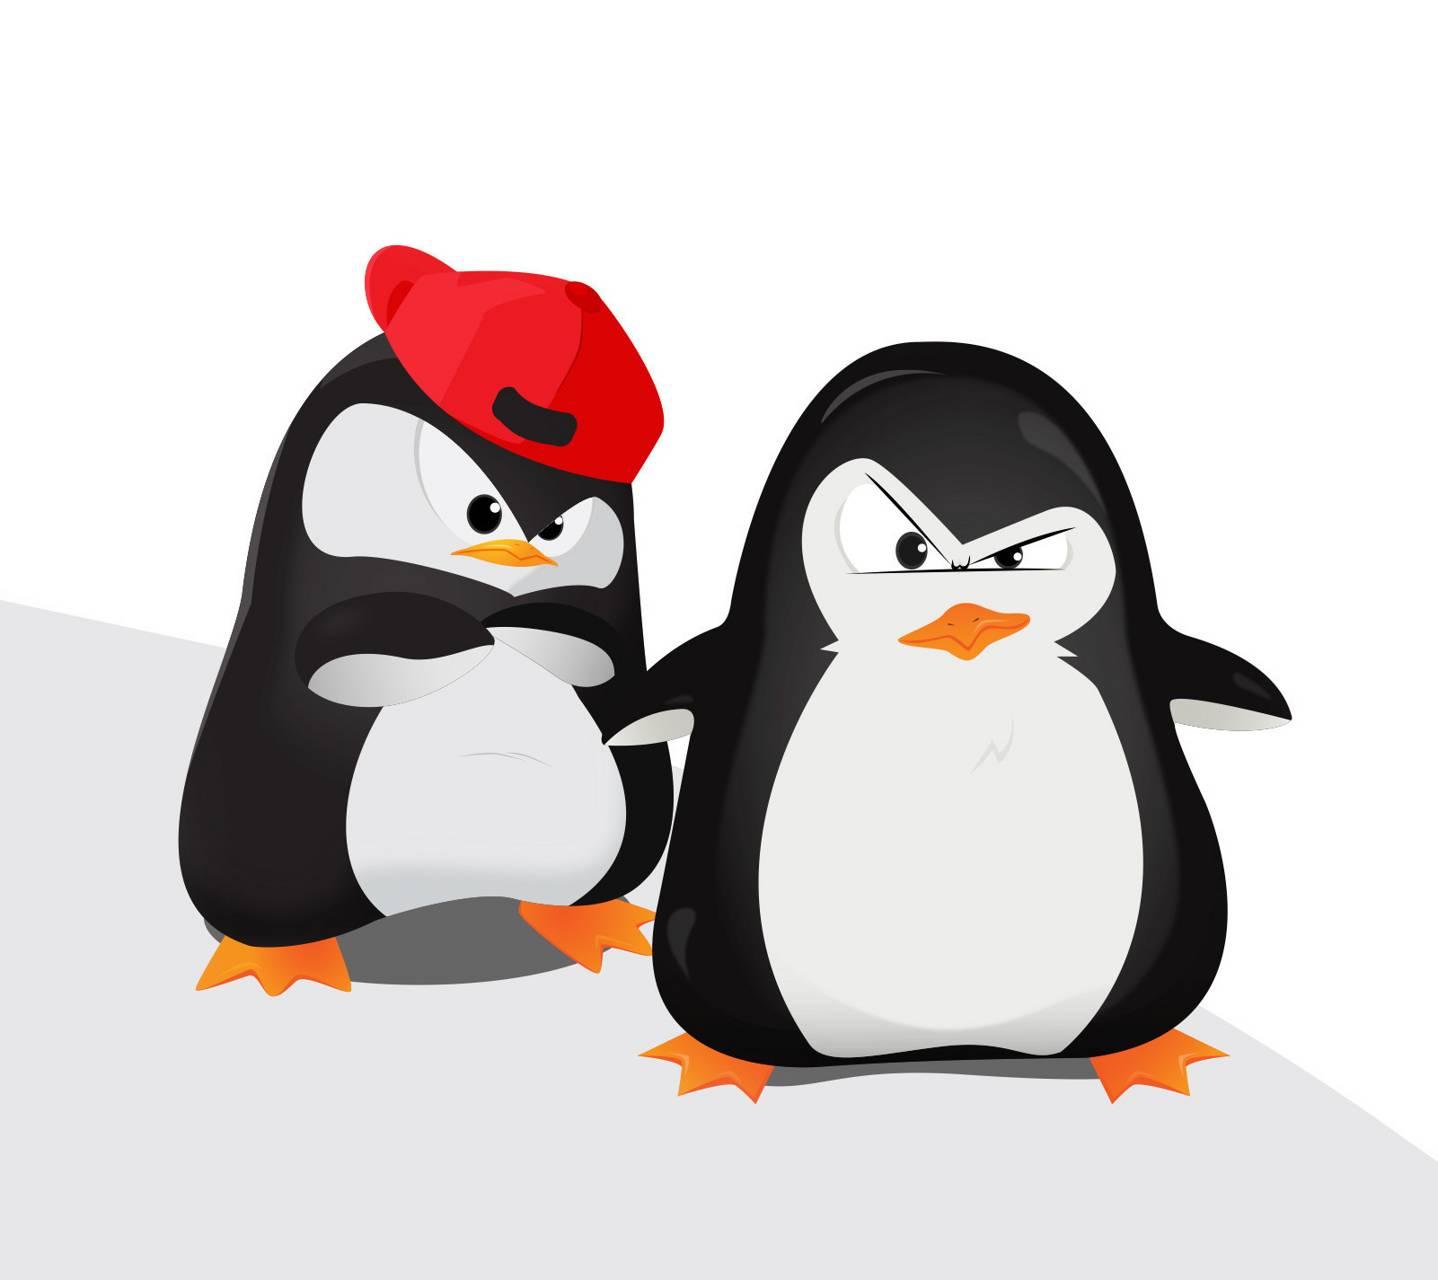 Смешные пингвины рисунки, одеждой обувью